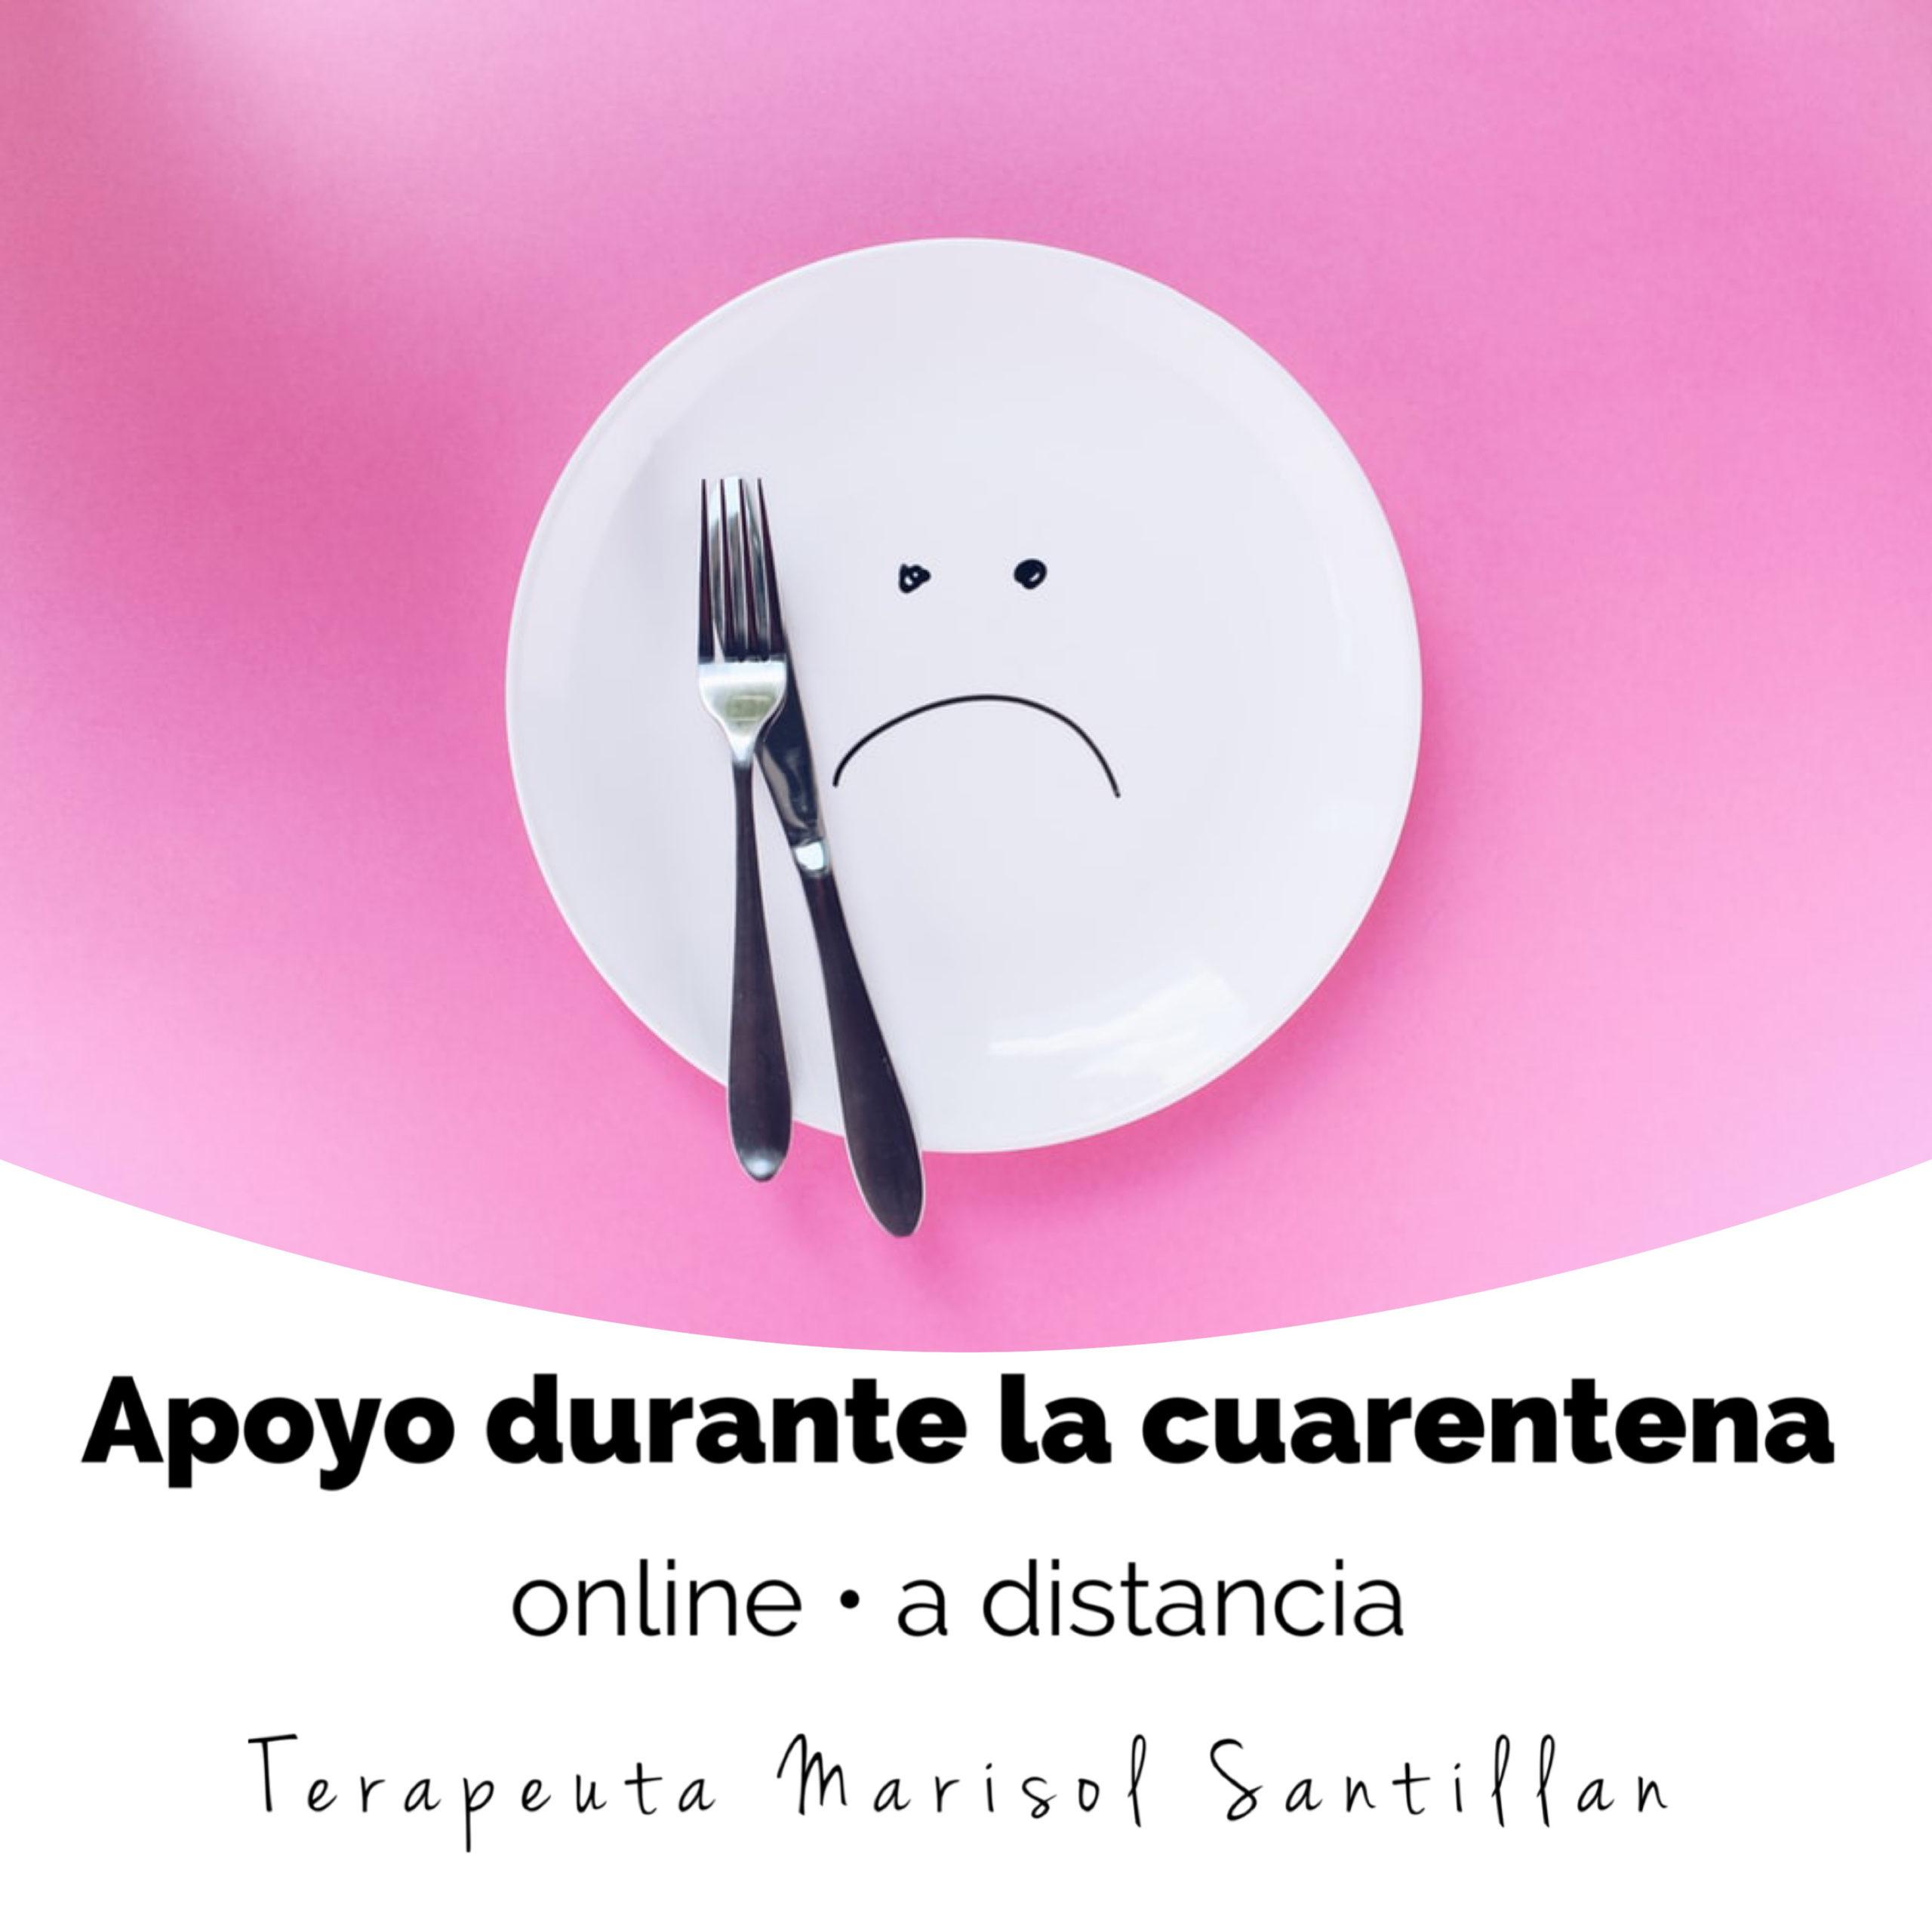 Libérate del hambre emocional ®  y Mi relación con la comida ® durante la cuarentena #online